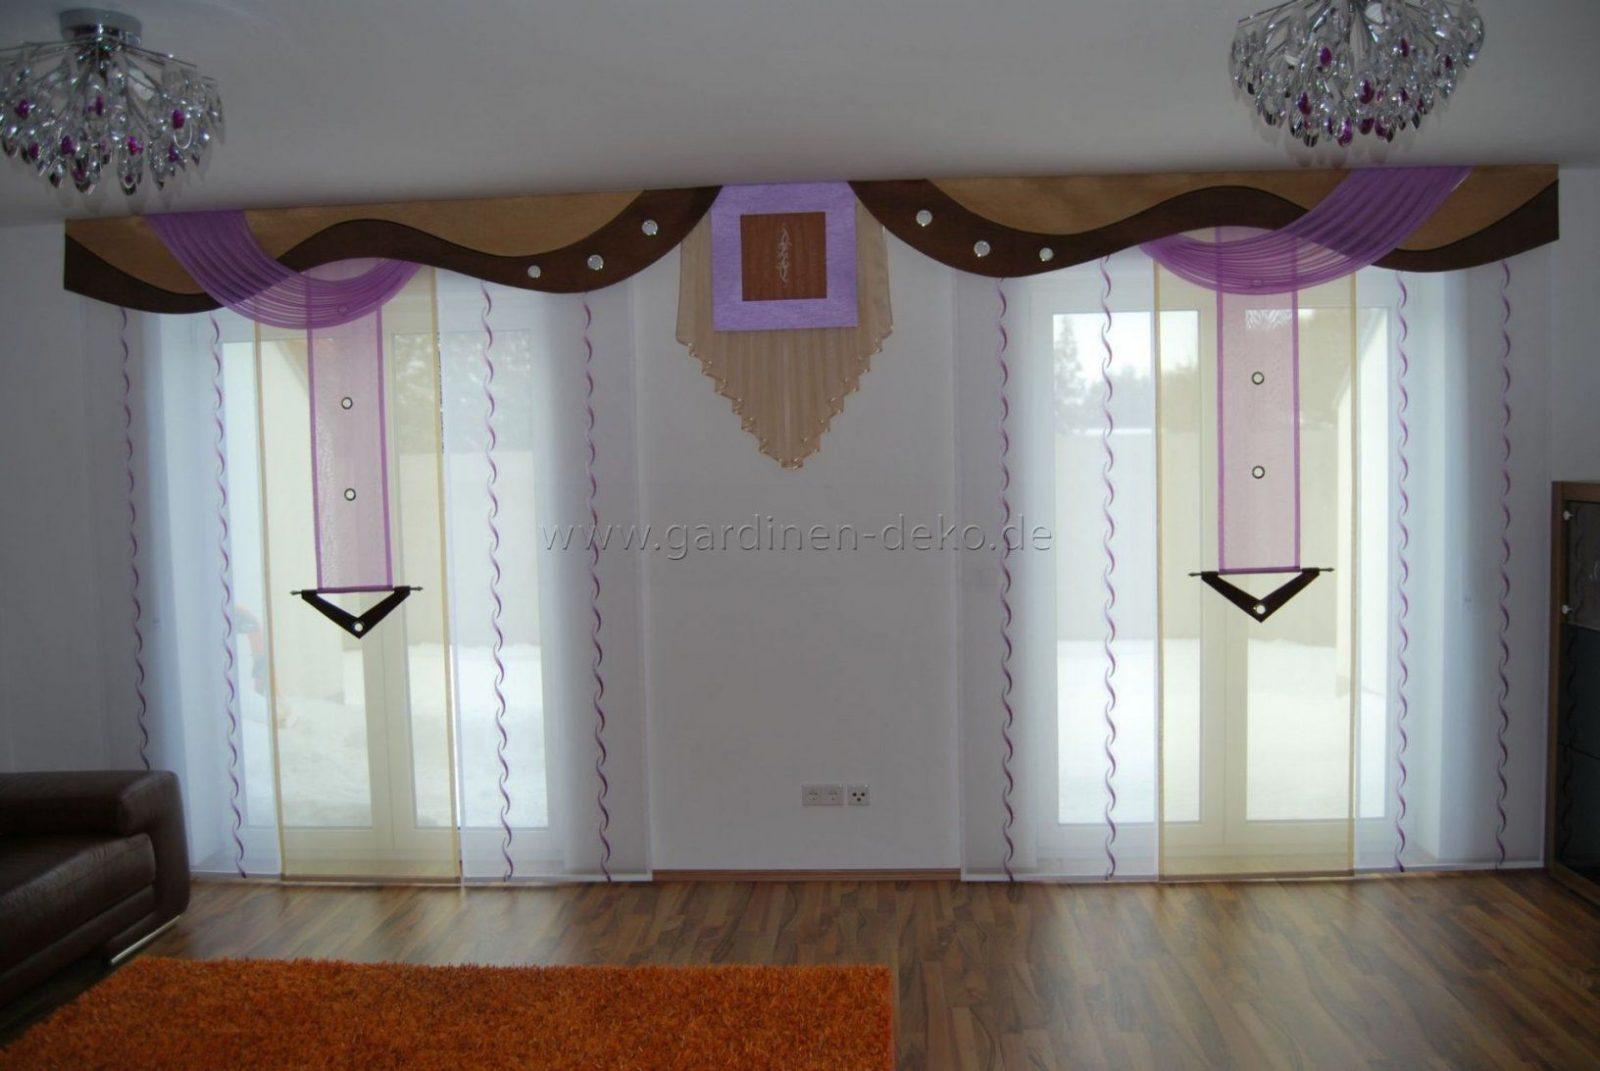 Wohnzimmer Schiebevorhang In Lilabeige Mit Braunen Bogen von Bogen Gardinen Wohnzimmer Photo